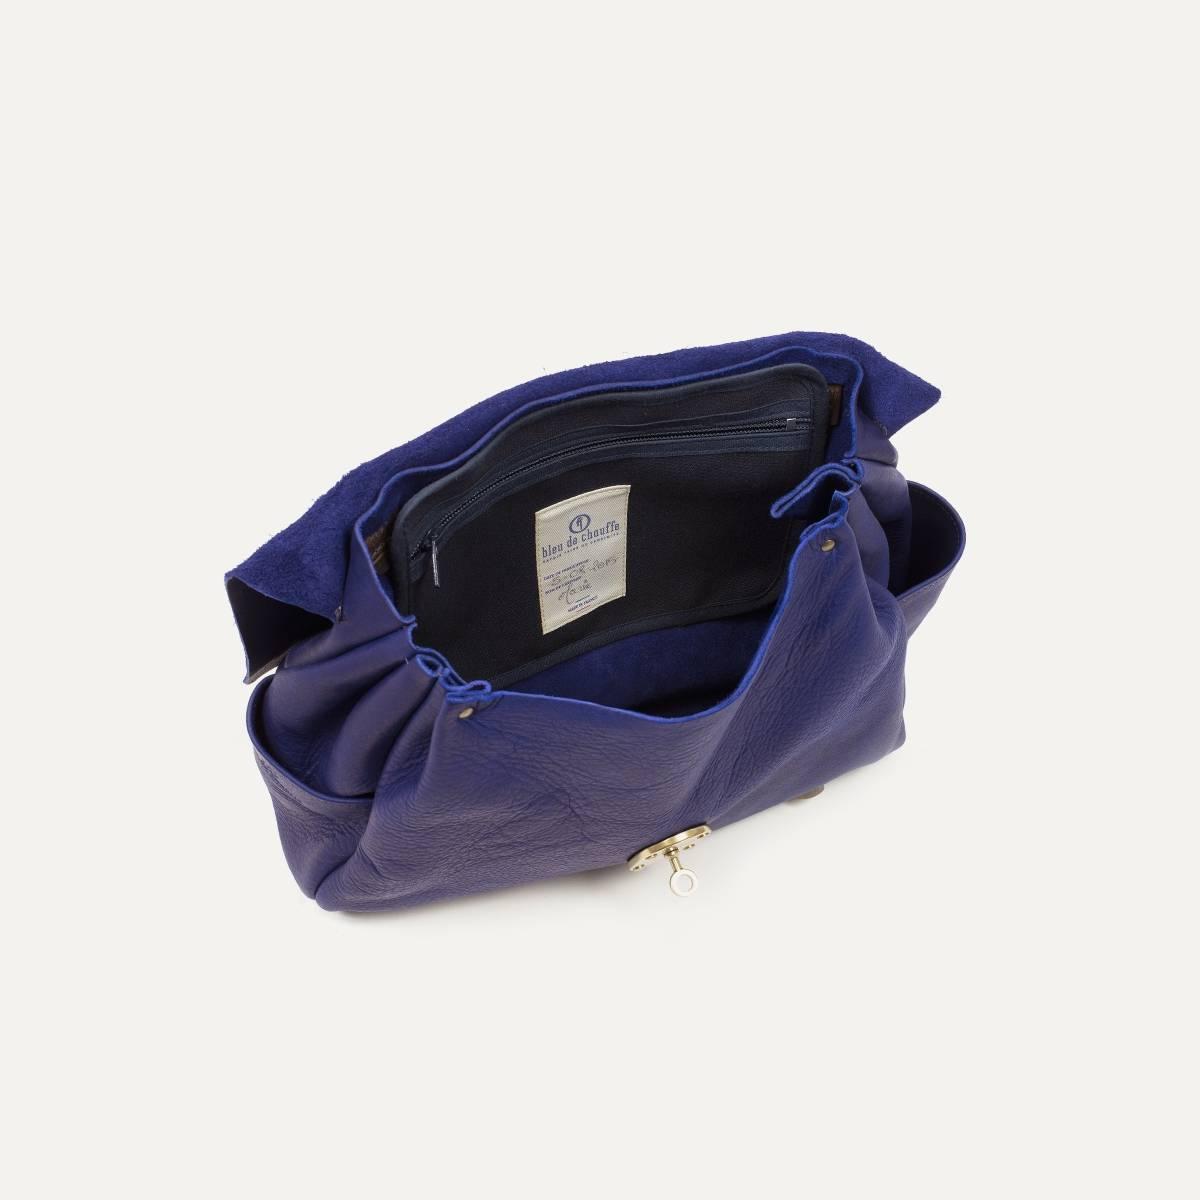 Coline bag M - Blue (image n°7)